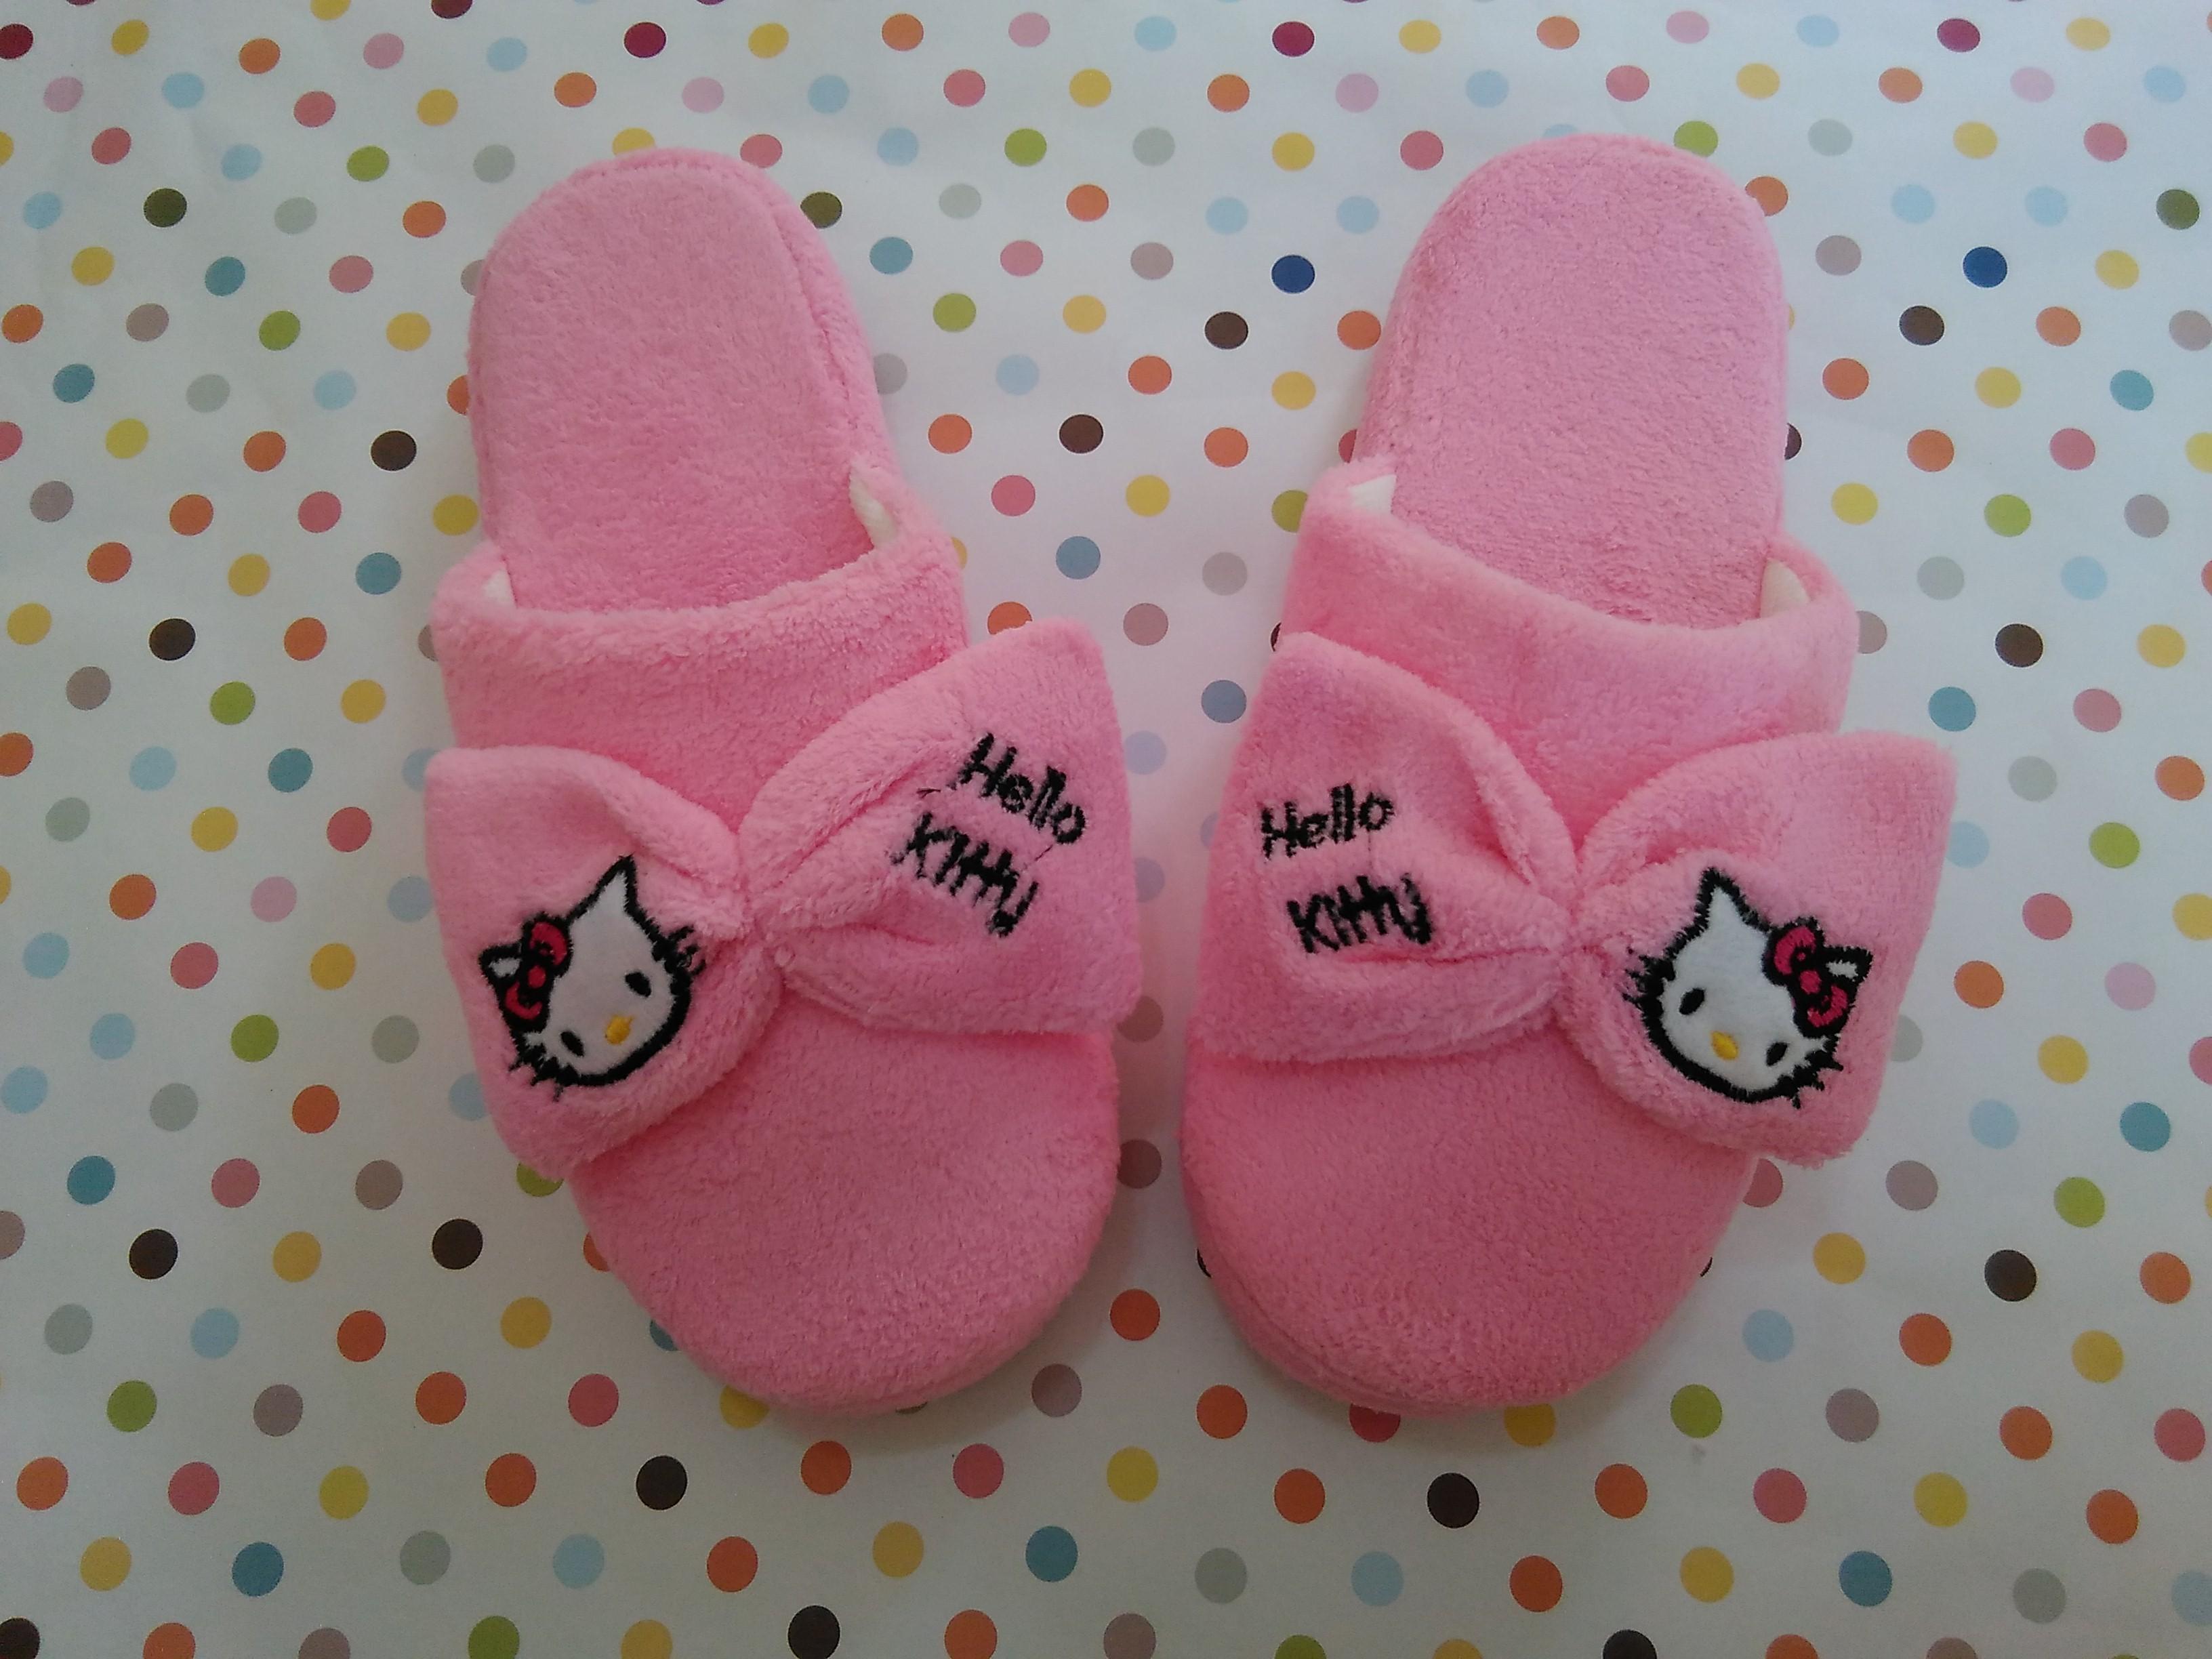 รองเท้าใส่ในบ้าน ออฟฟิศ ฮัลโหลคิตตี้ Hello kitty ขนาด free size พื้นสีชมพู